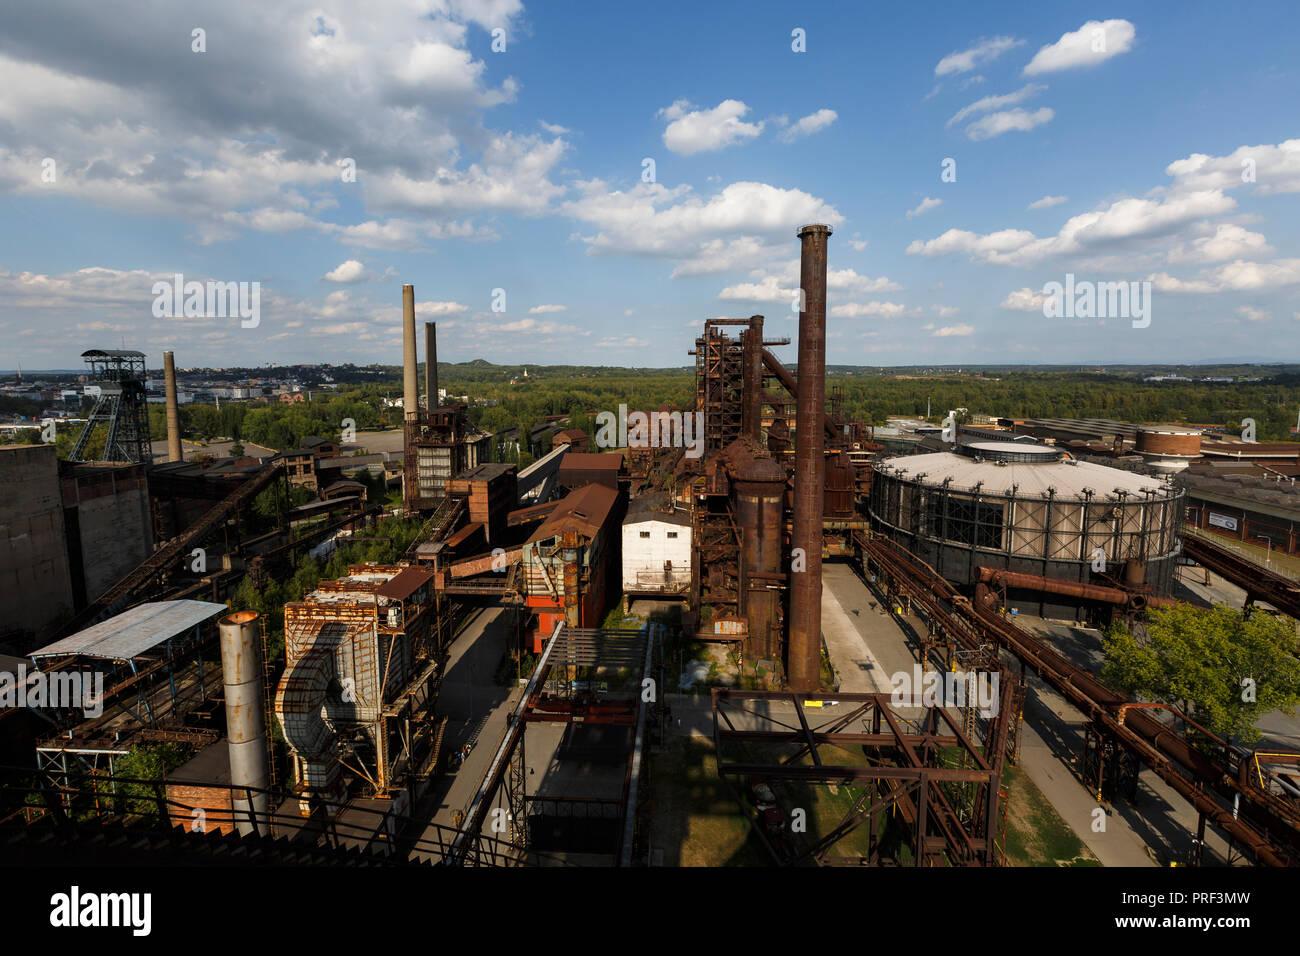 Ostrava, Repubblica Ceca - 21 agosto 2018: Vista di Vitkovice inferiore, un sito nazionale del patrimonio industriale costituito da una collezione unica di indust Immagini Stock